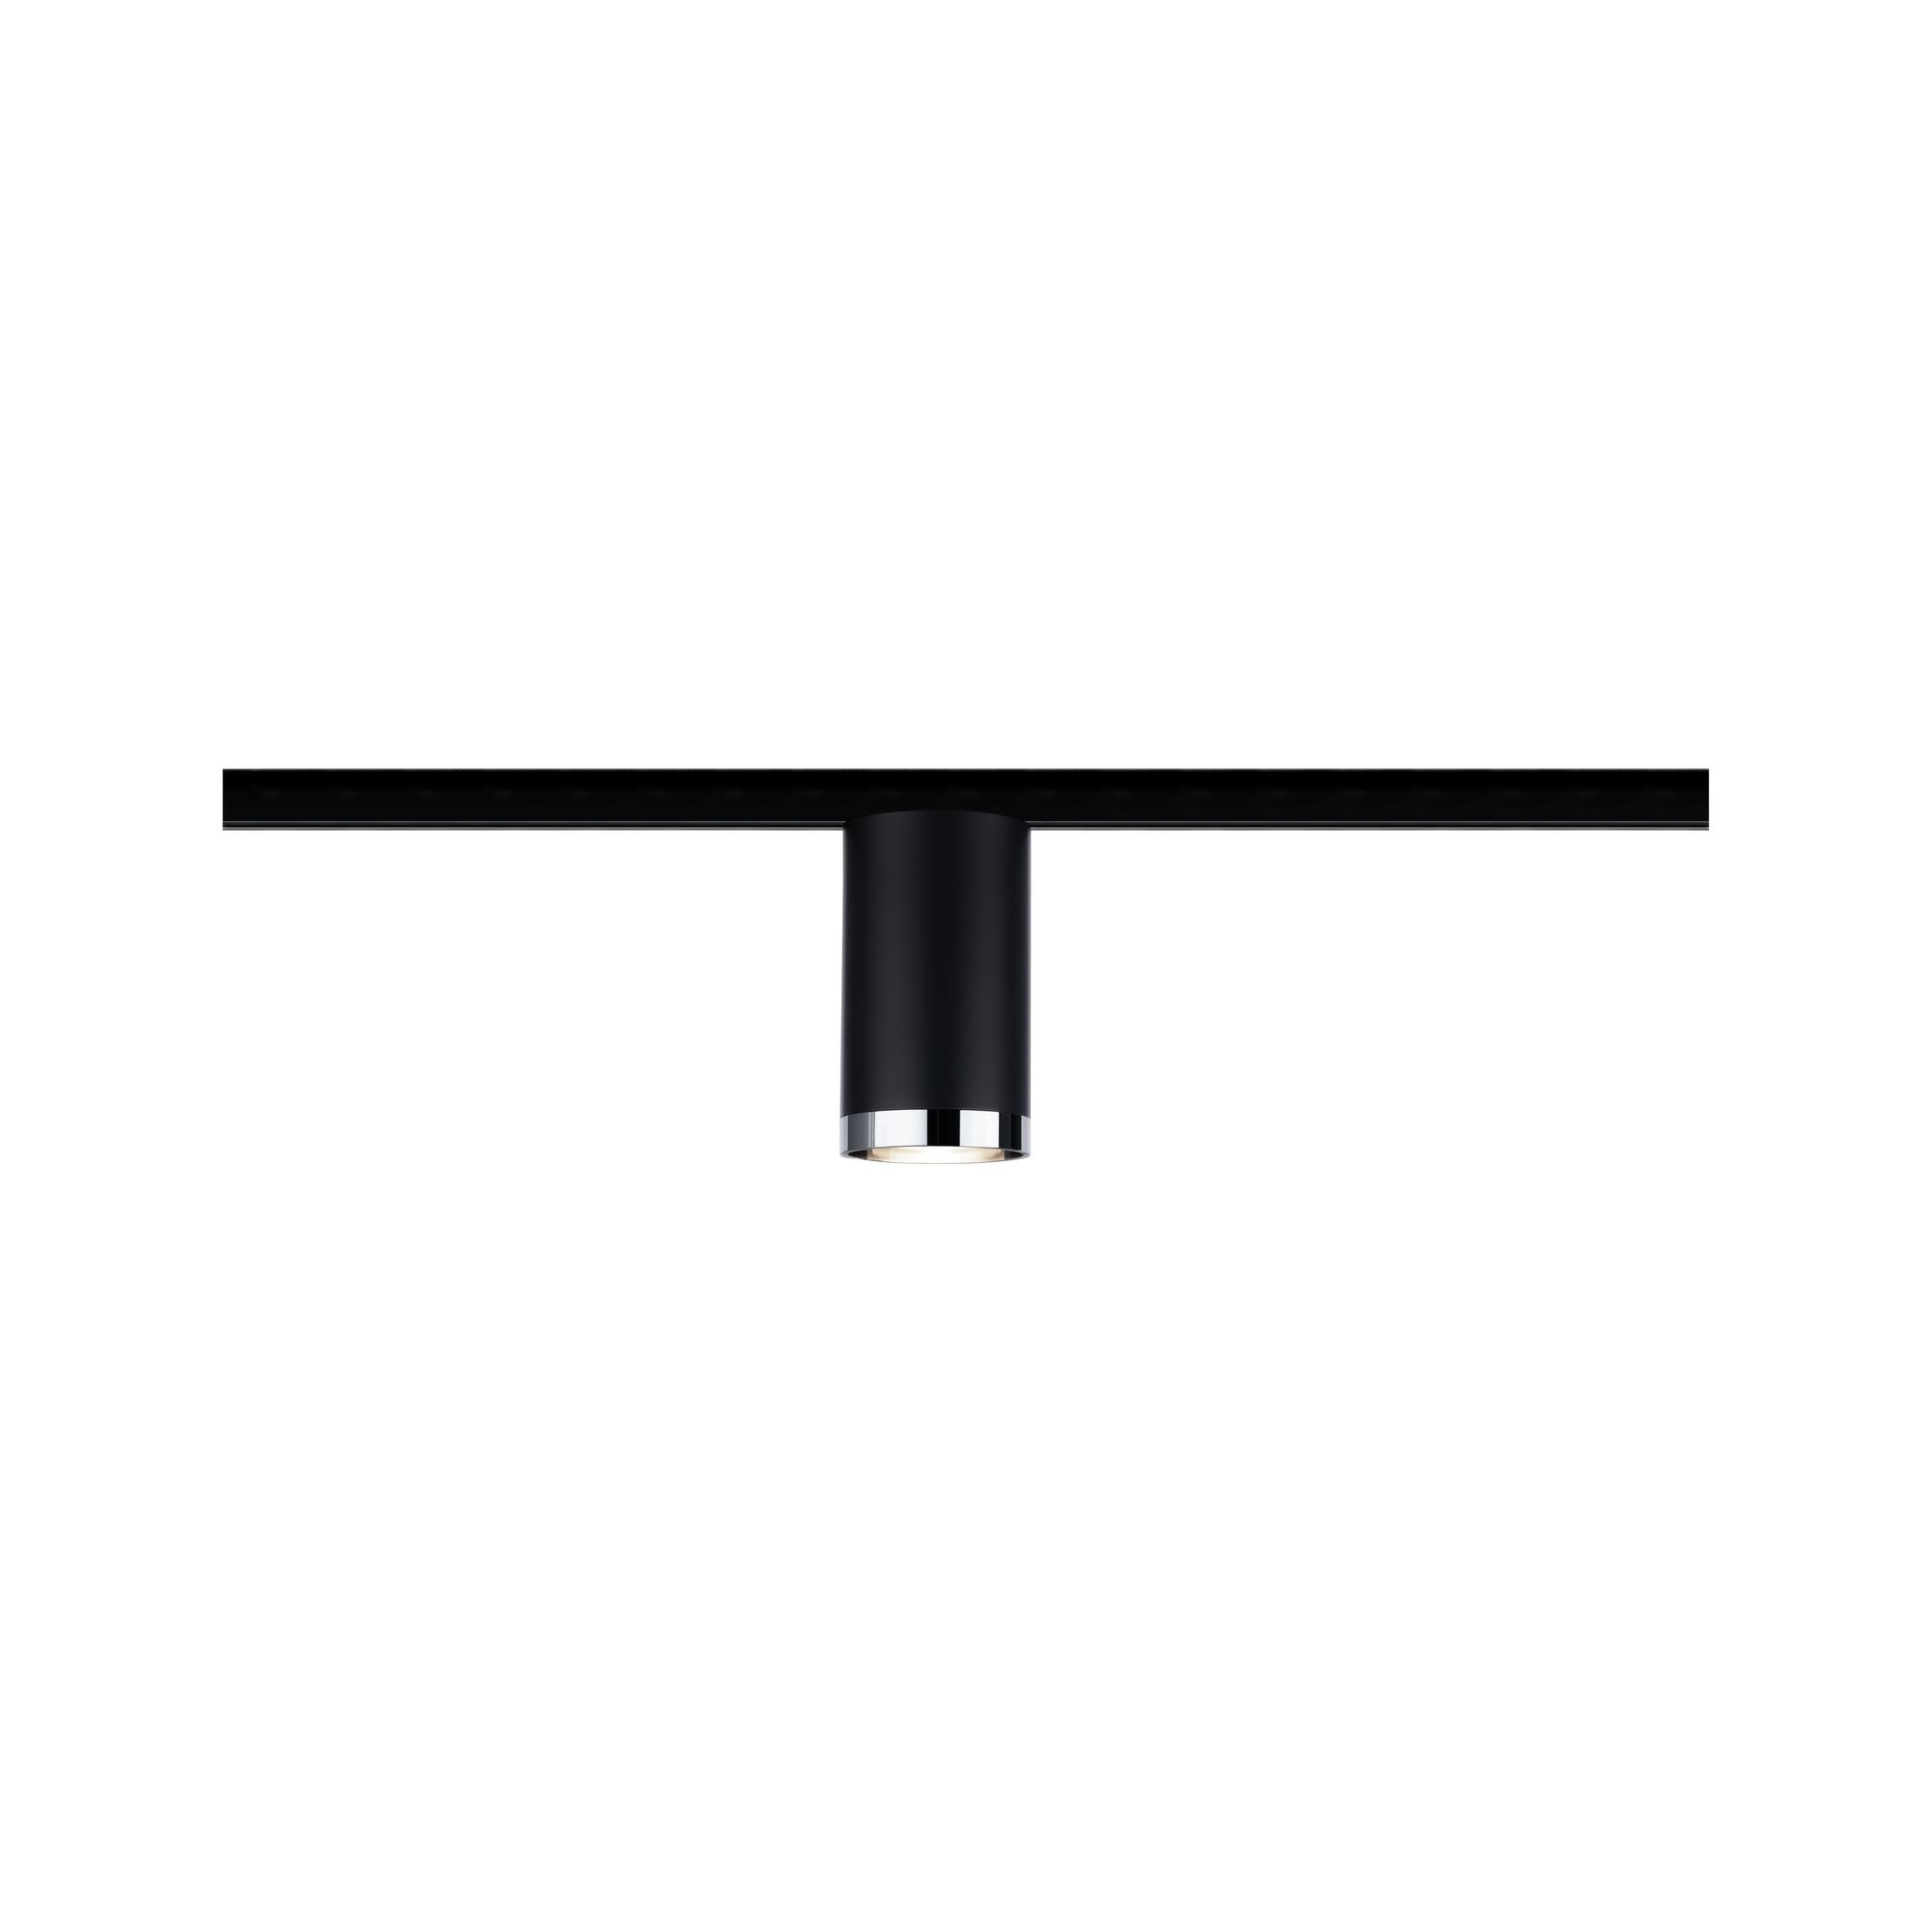 Paulmann URail Spot Tube max 10W GU10 Schwarz matt/Chrom 230V